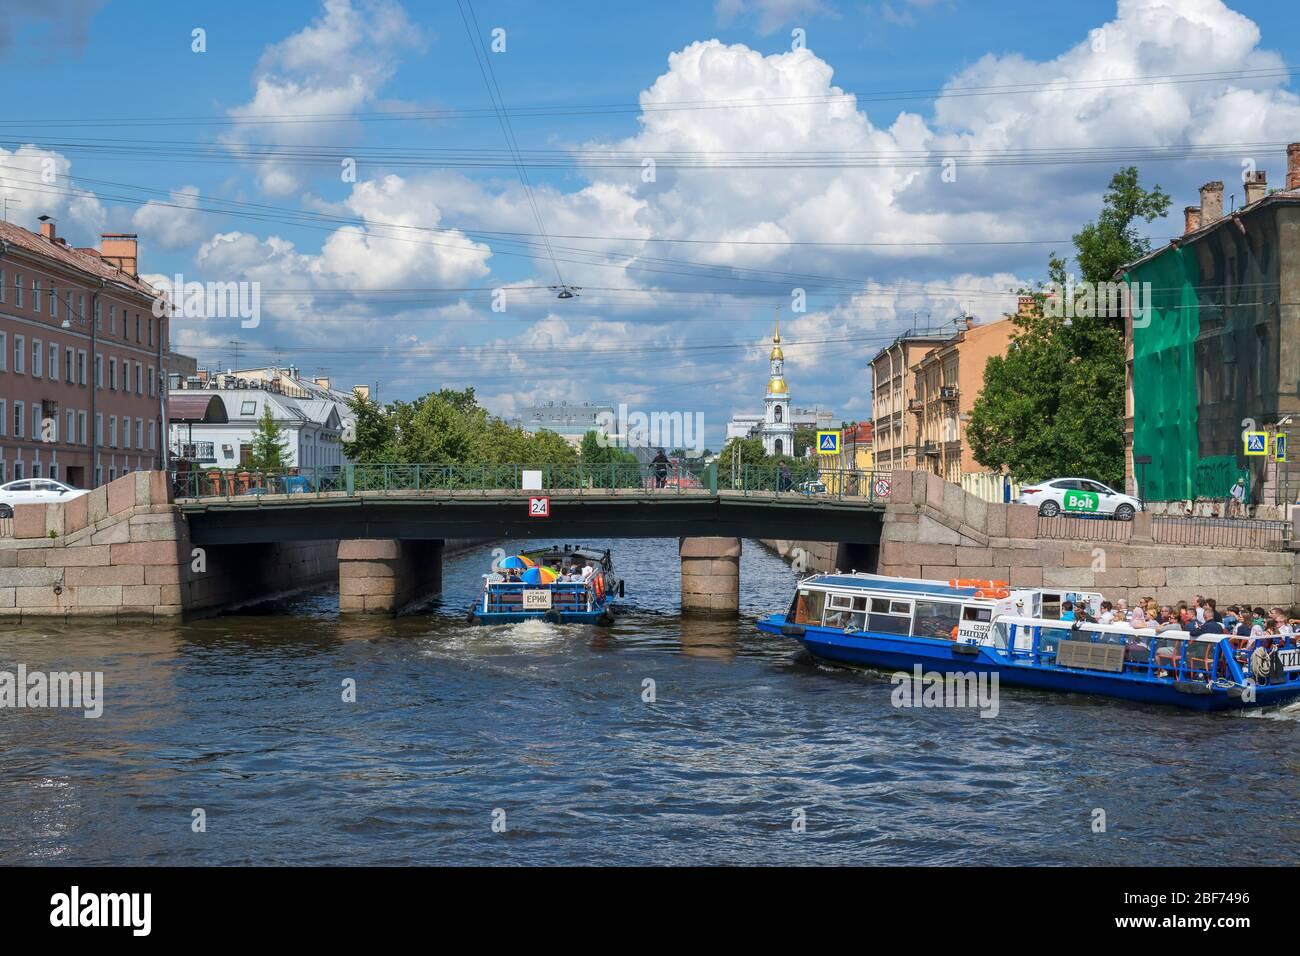 Saint-Pétersbourg, Russie, été 2019 : pont adjacent à la jonction de la rivière Fontanka et du canal Kryukov à Saint-Pétersbourg Banque D'Images